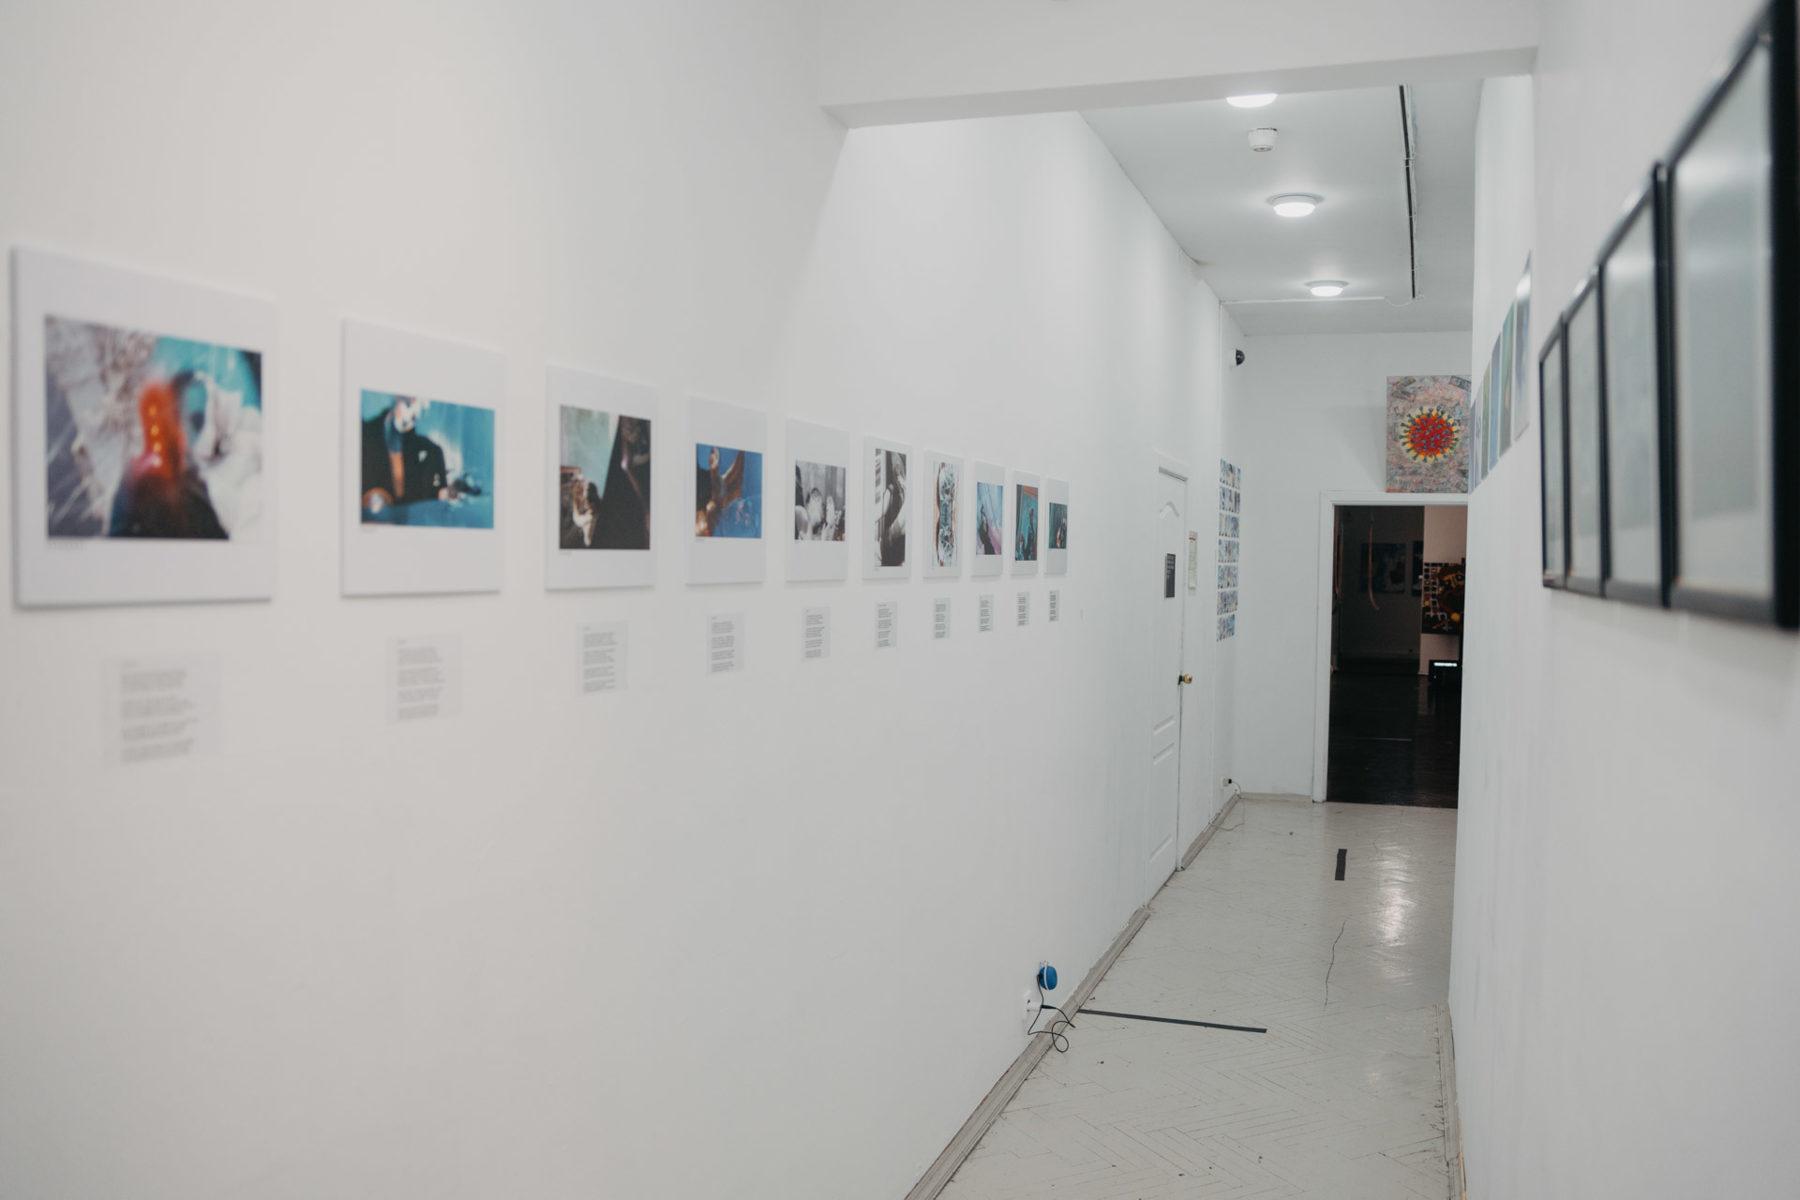 Выставка «Частоты» в галерее «Ходынка» – события на сайте «Московские Сезоны»